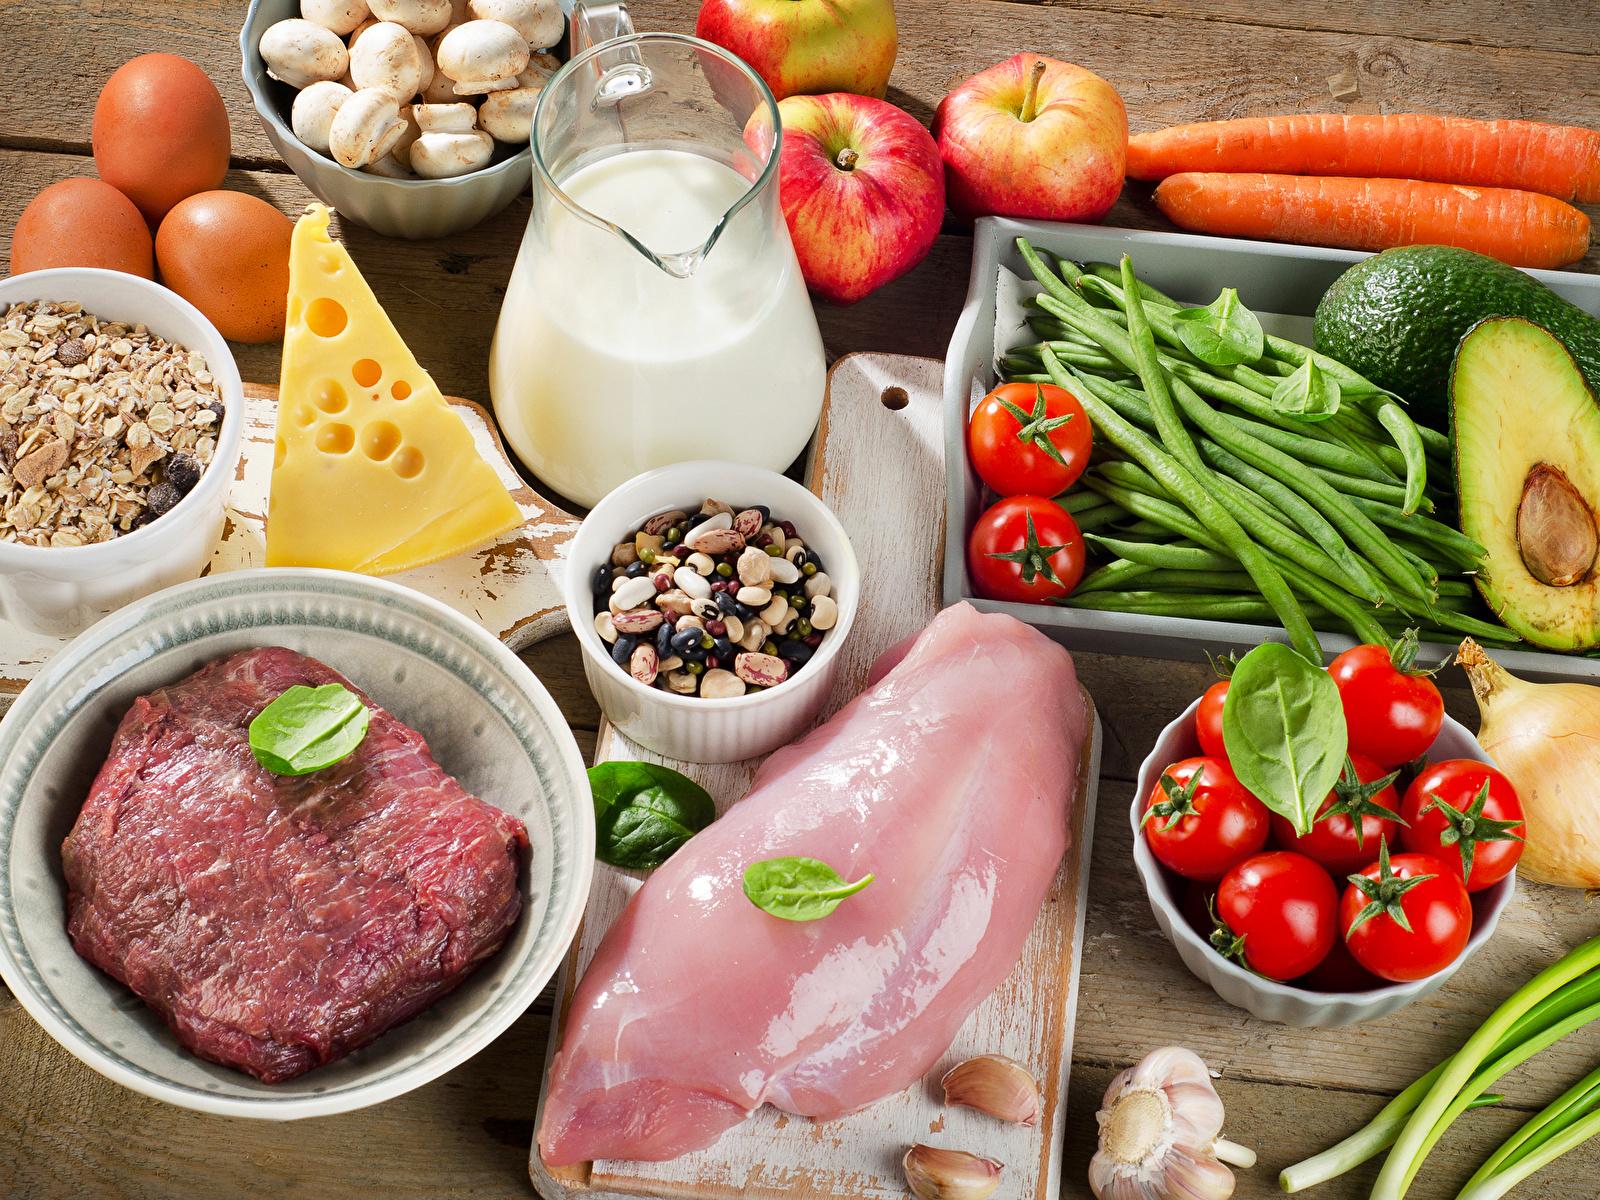 овощи фрукты и молочные продукты диета